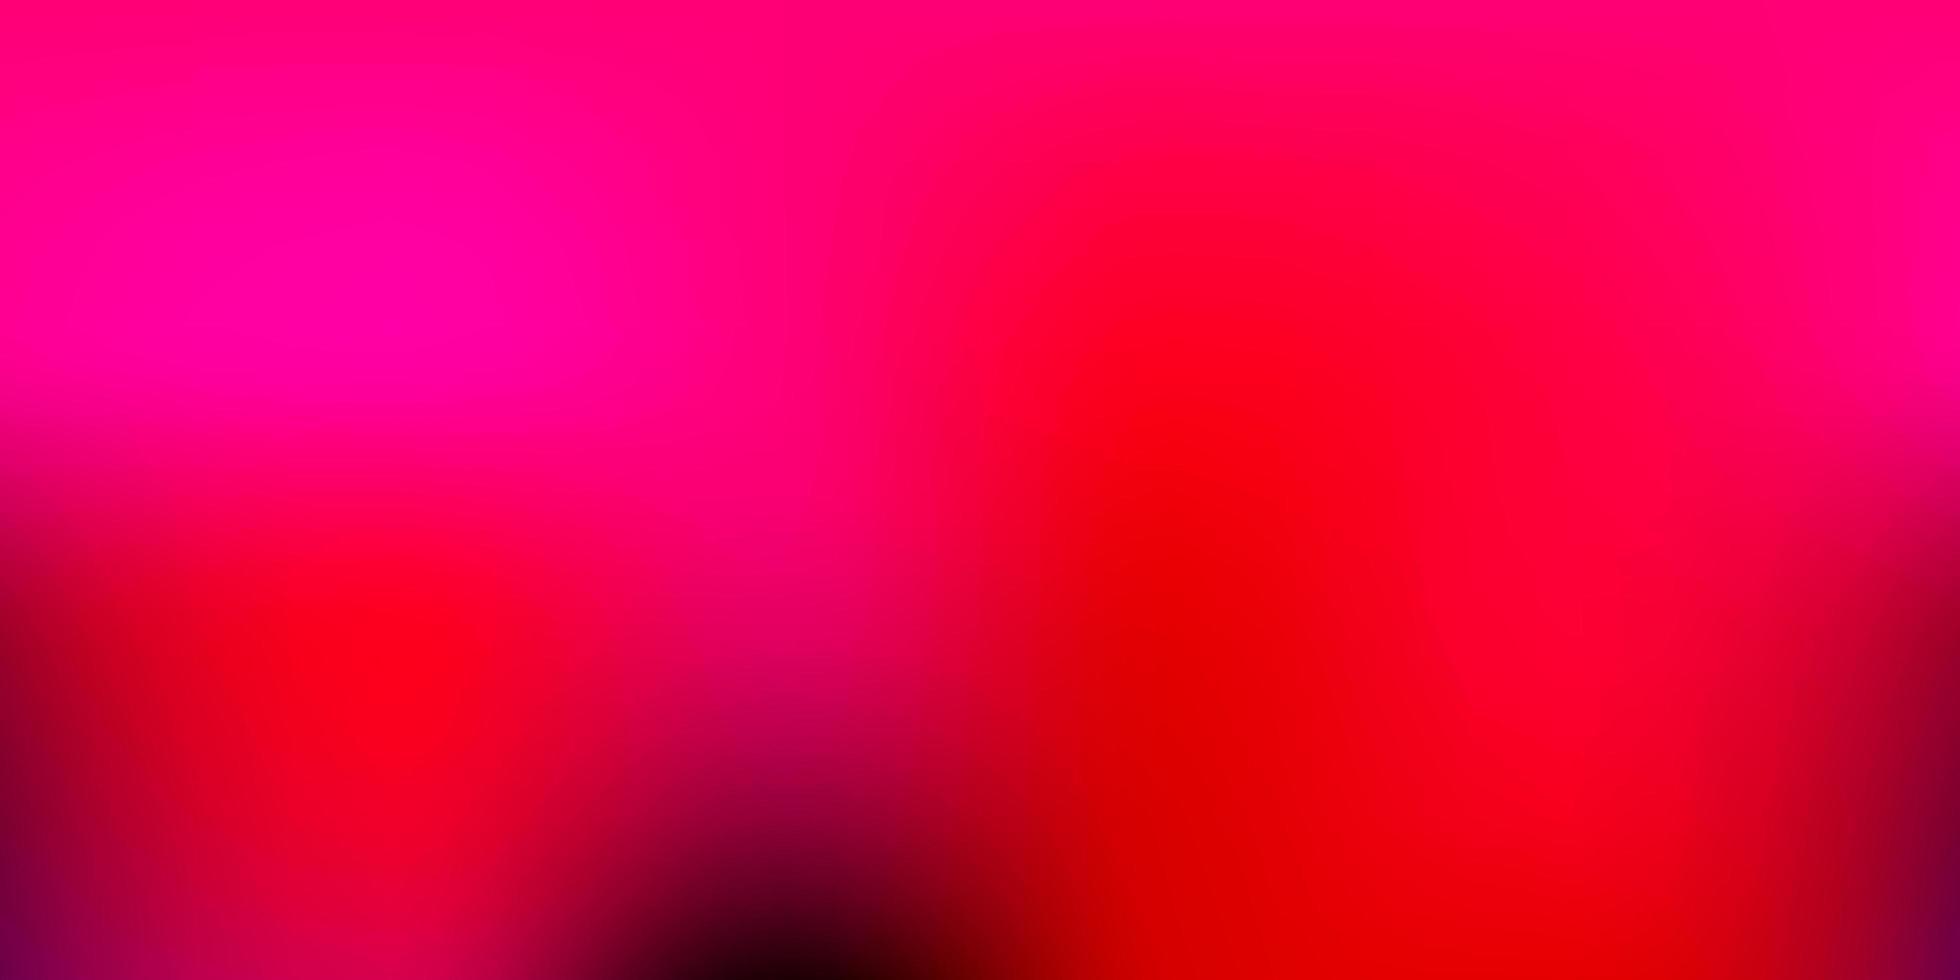 textura do borrão do sumário do vetor rosa claro.